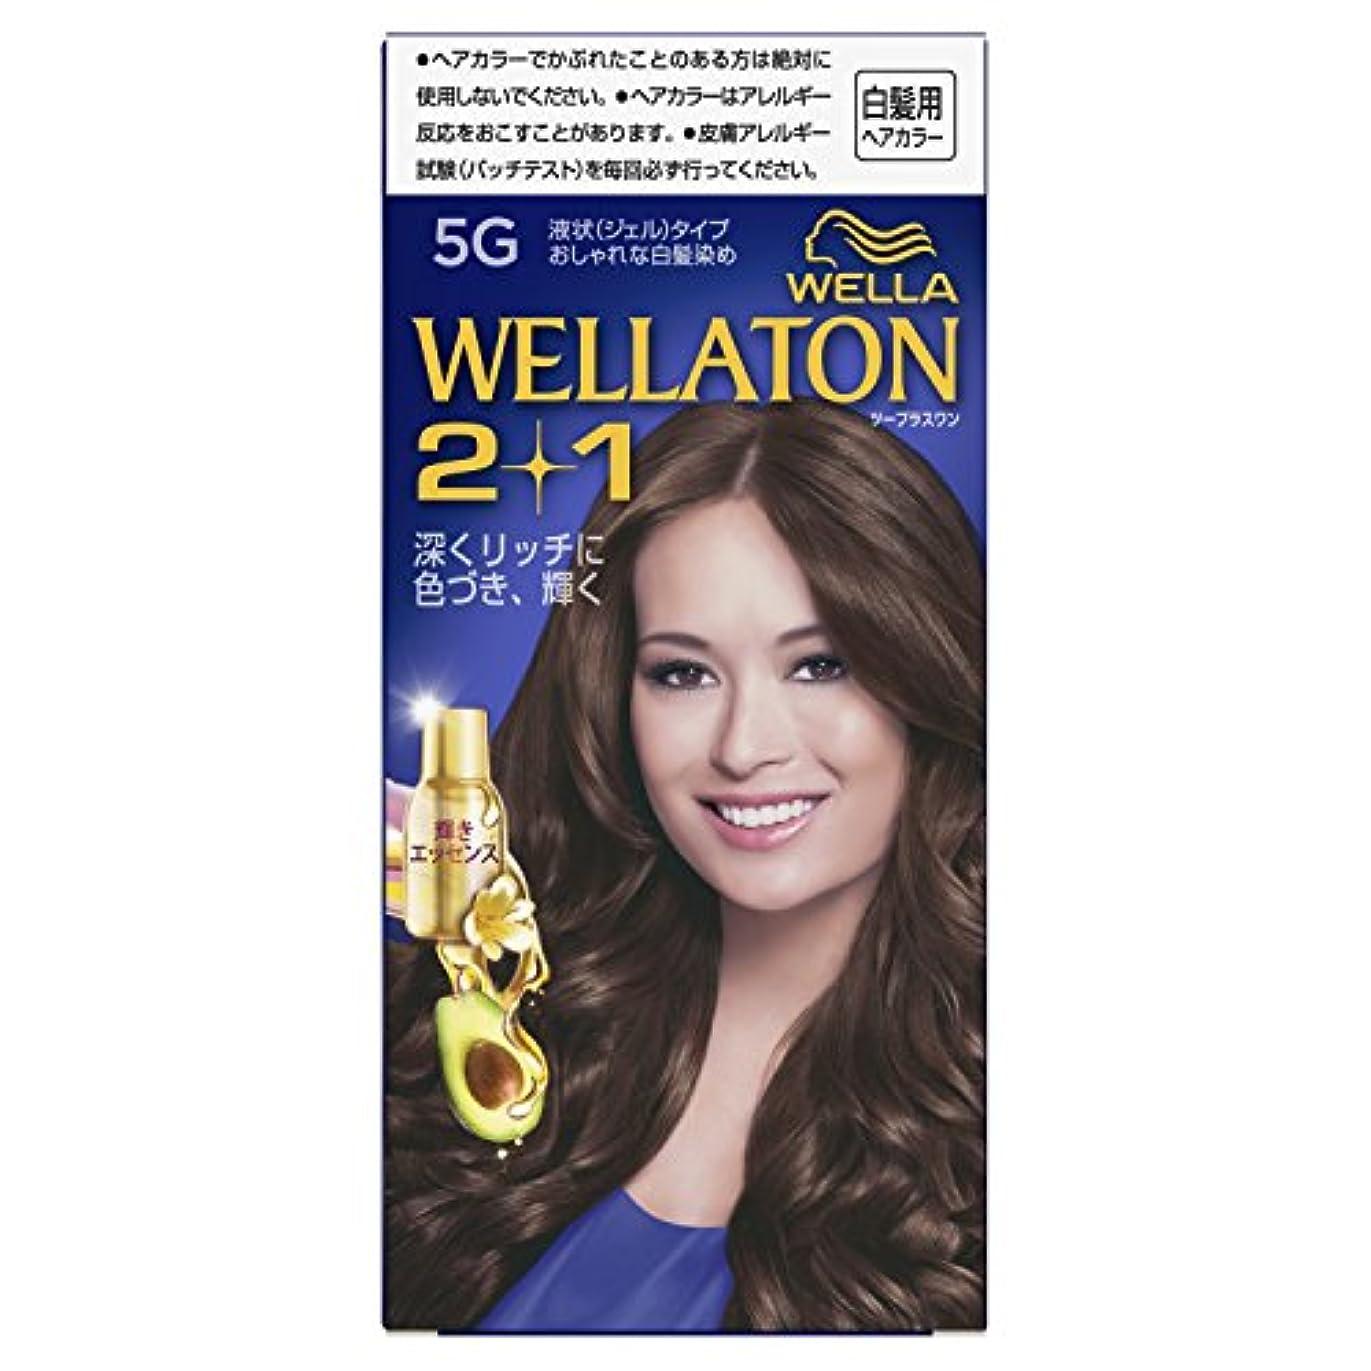 王女説得君主ウエラトーン2+1 液状タイプ 5G [医薬部外品](おしゃれな白髪染め)